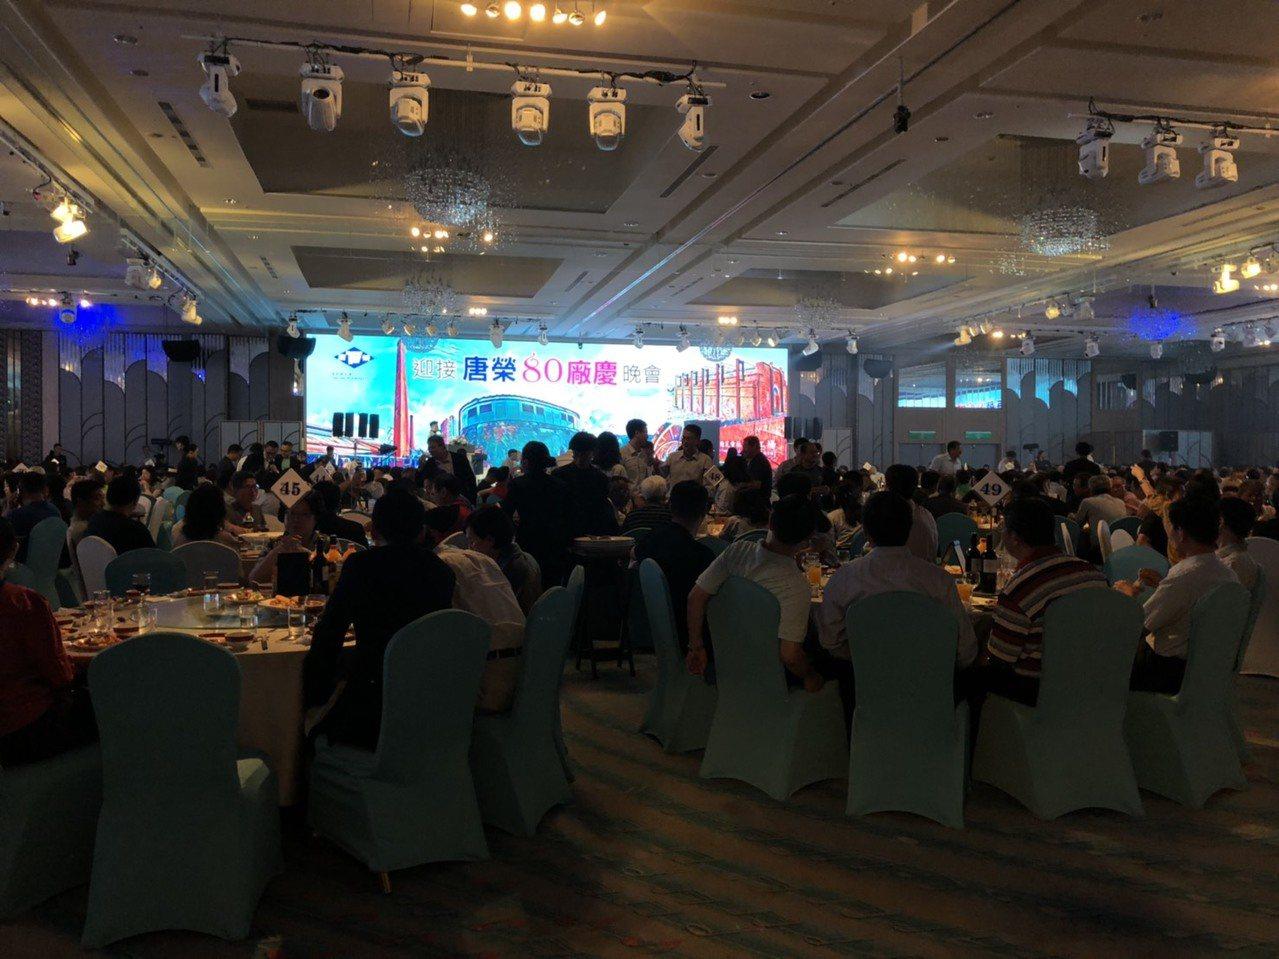 唐榮今晚舉辦八十周年廠慶席開近百桌。記者謝梅芬/攝影